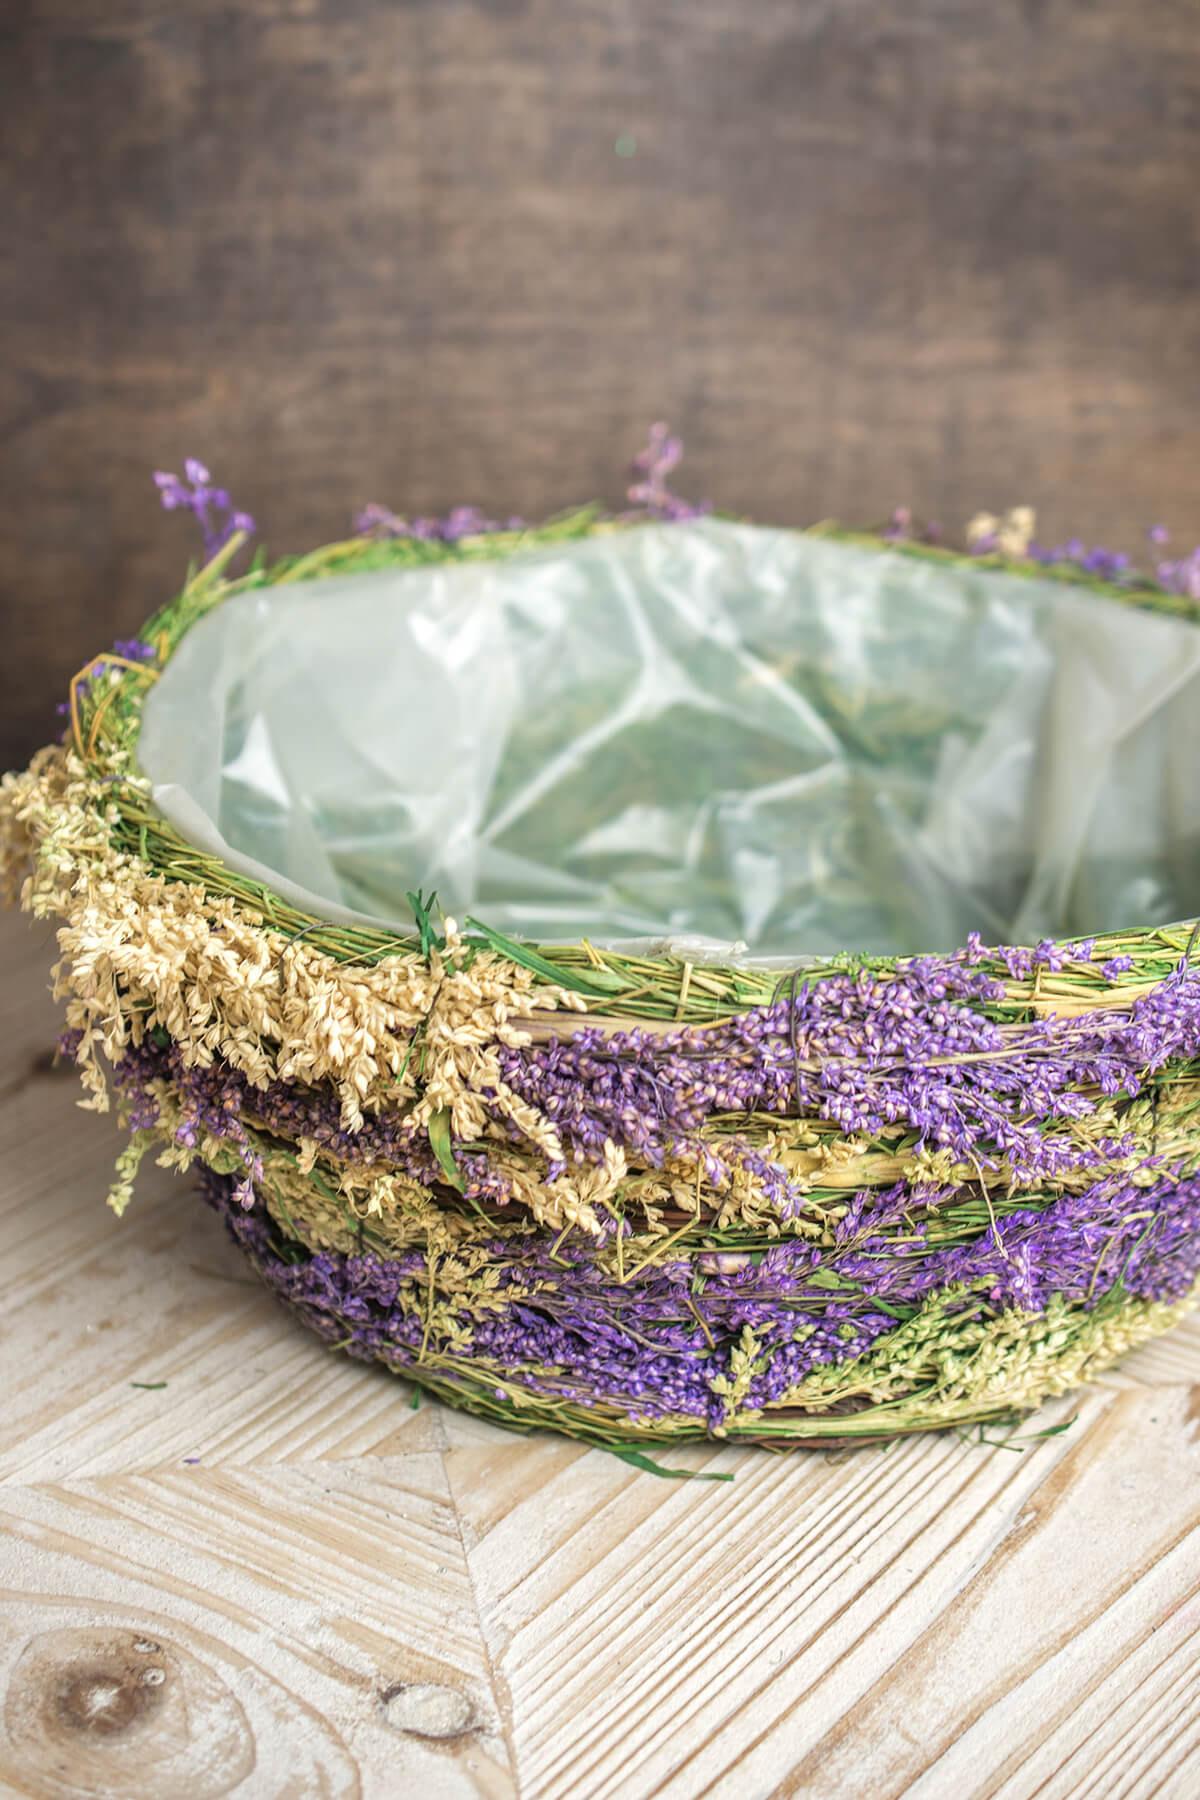 Dried Flower & Wheat Planter Basket Round 5x13in